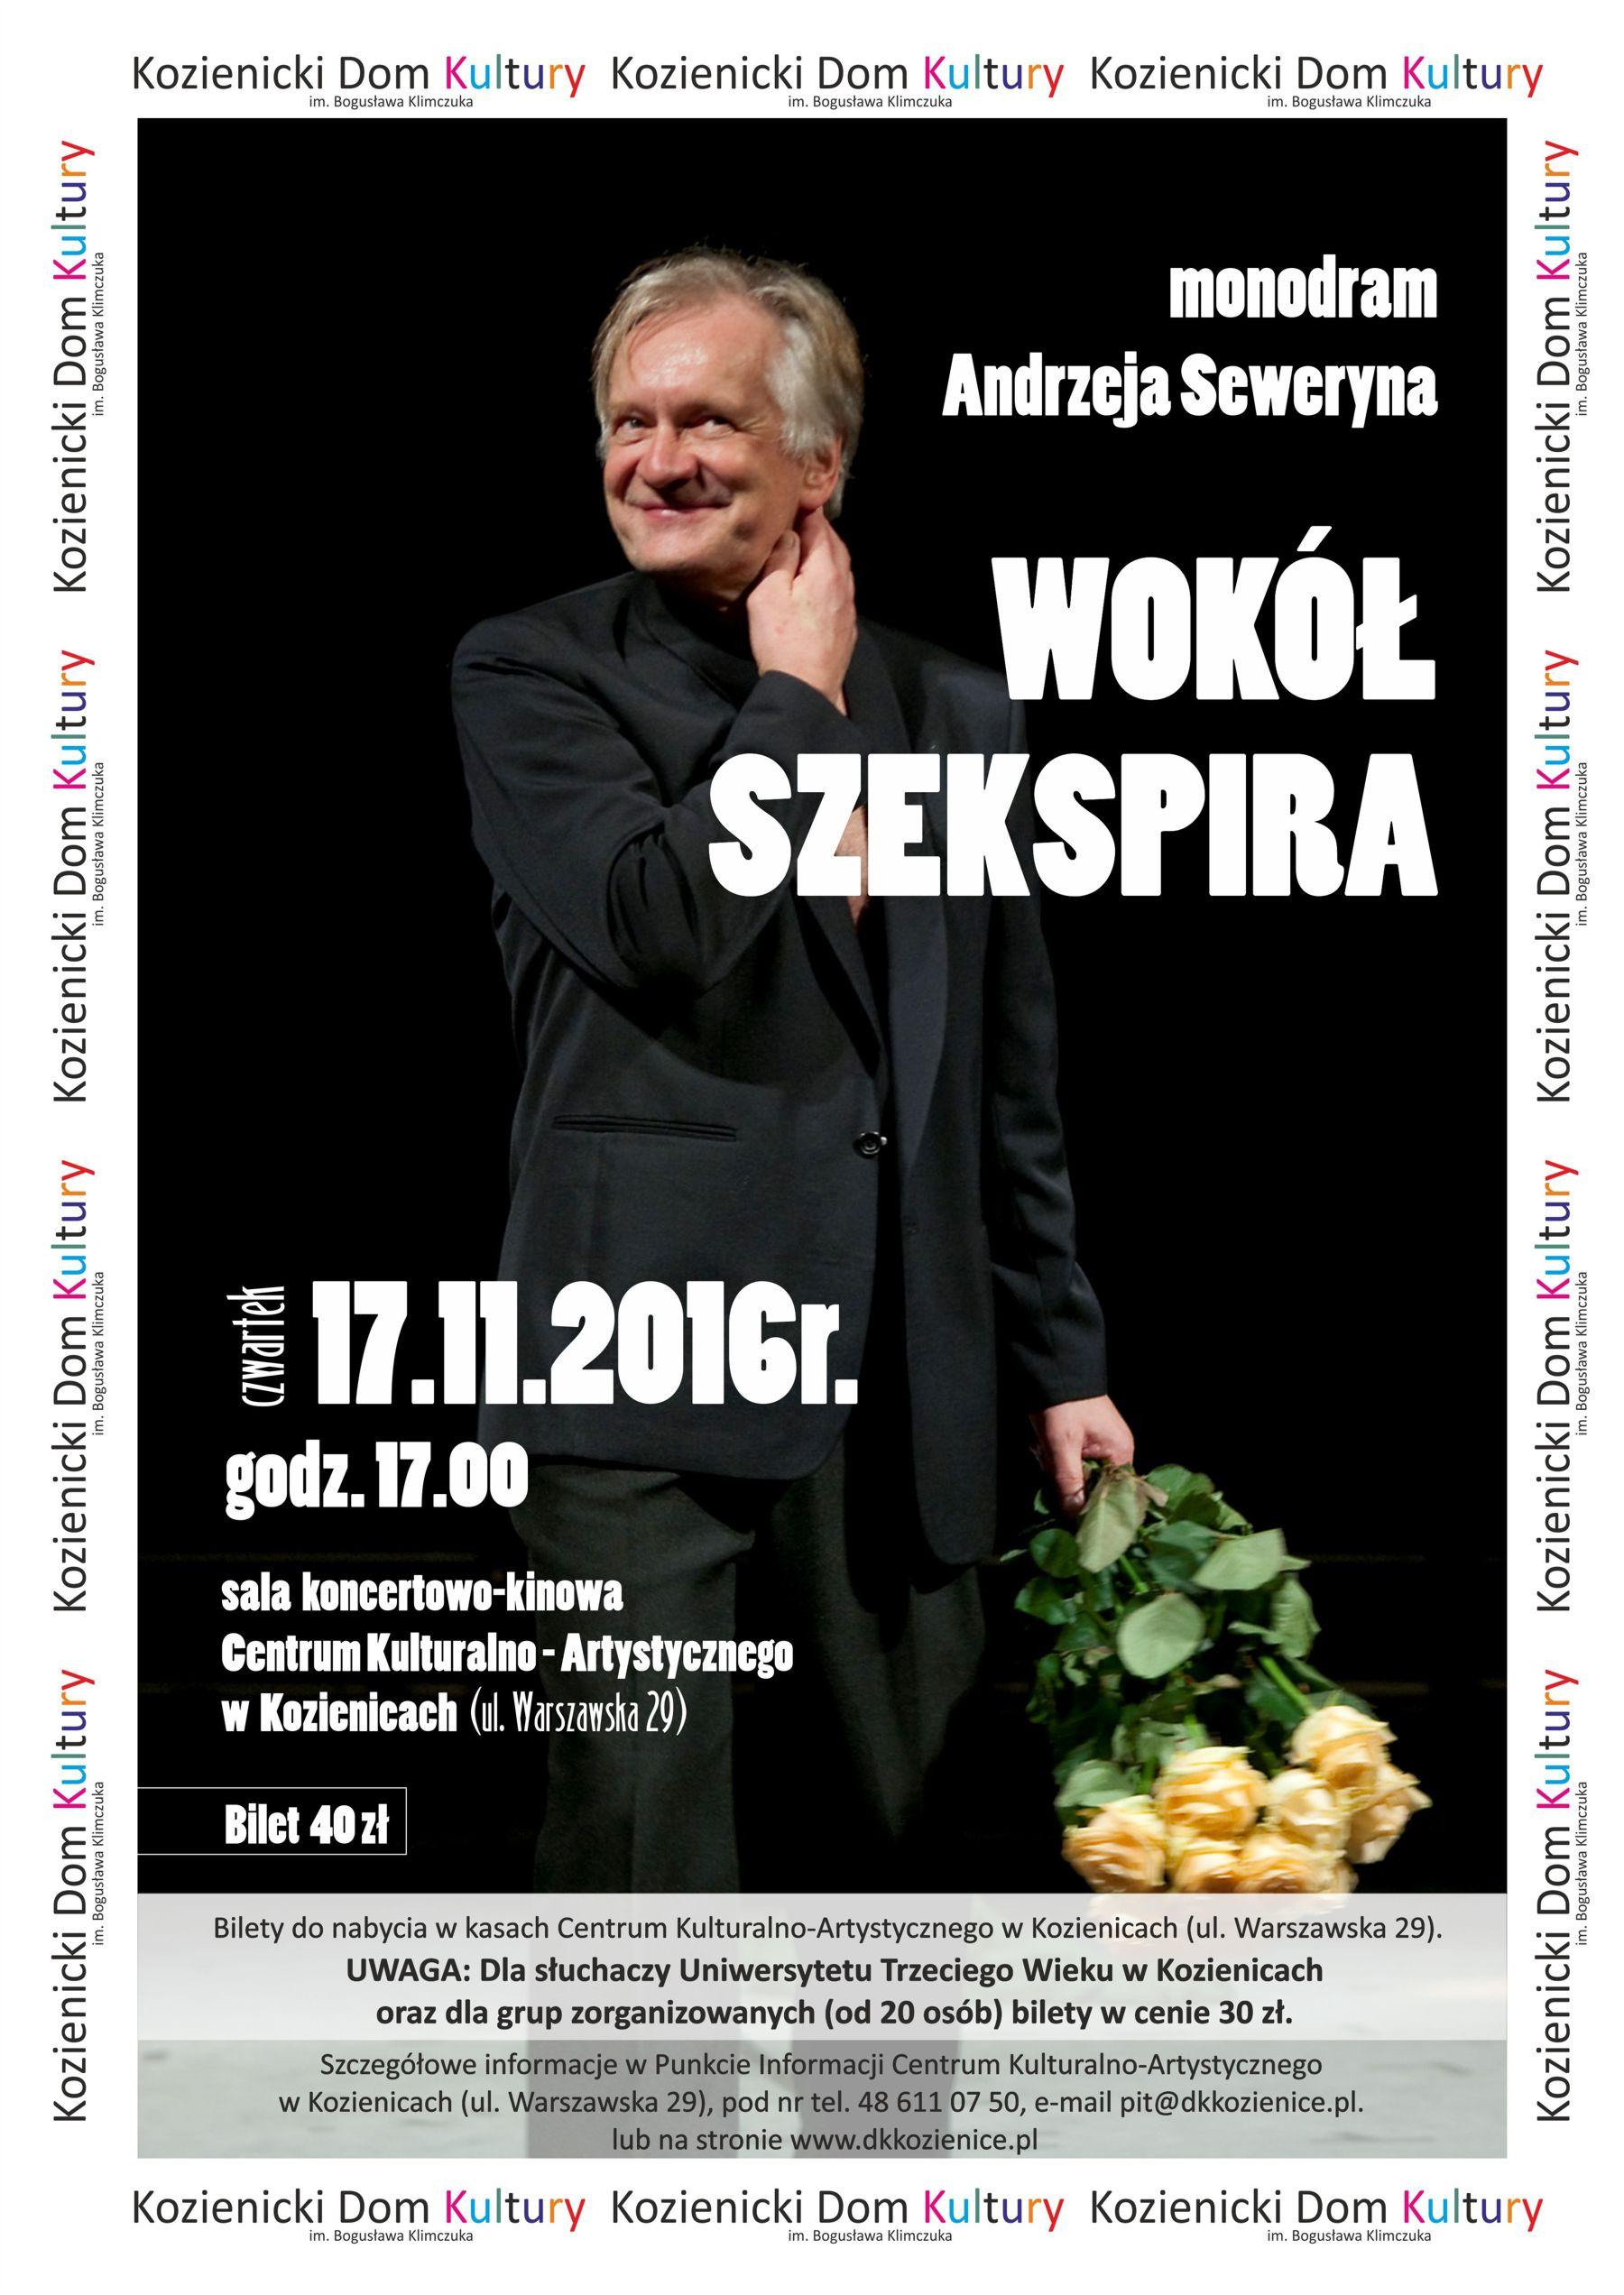 monodram Andrzeja Seweryna pn. Wokół Szekspira